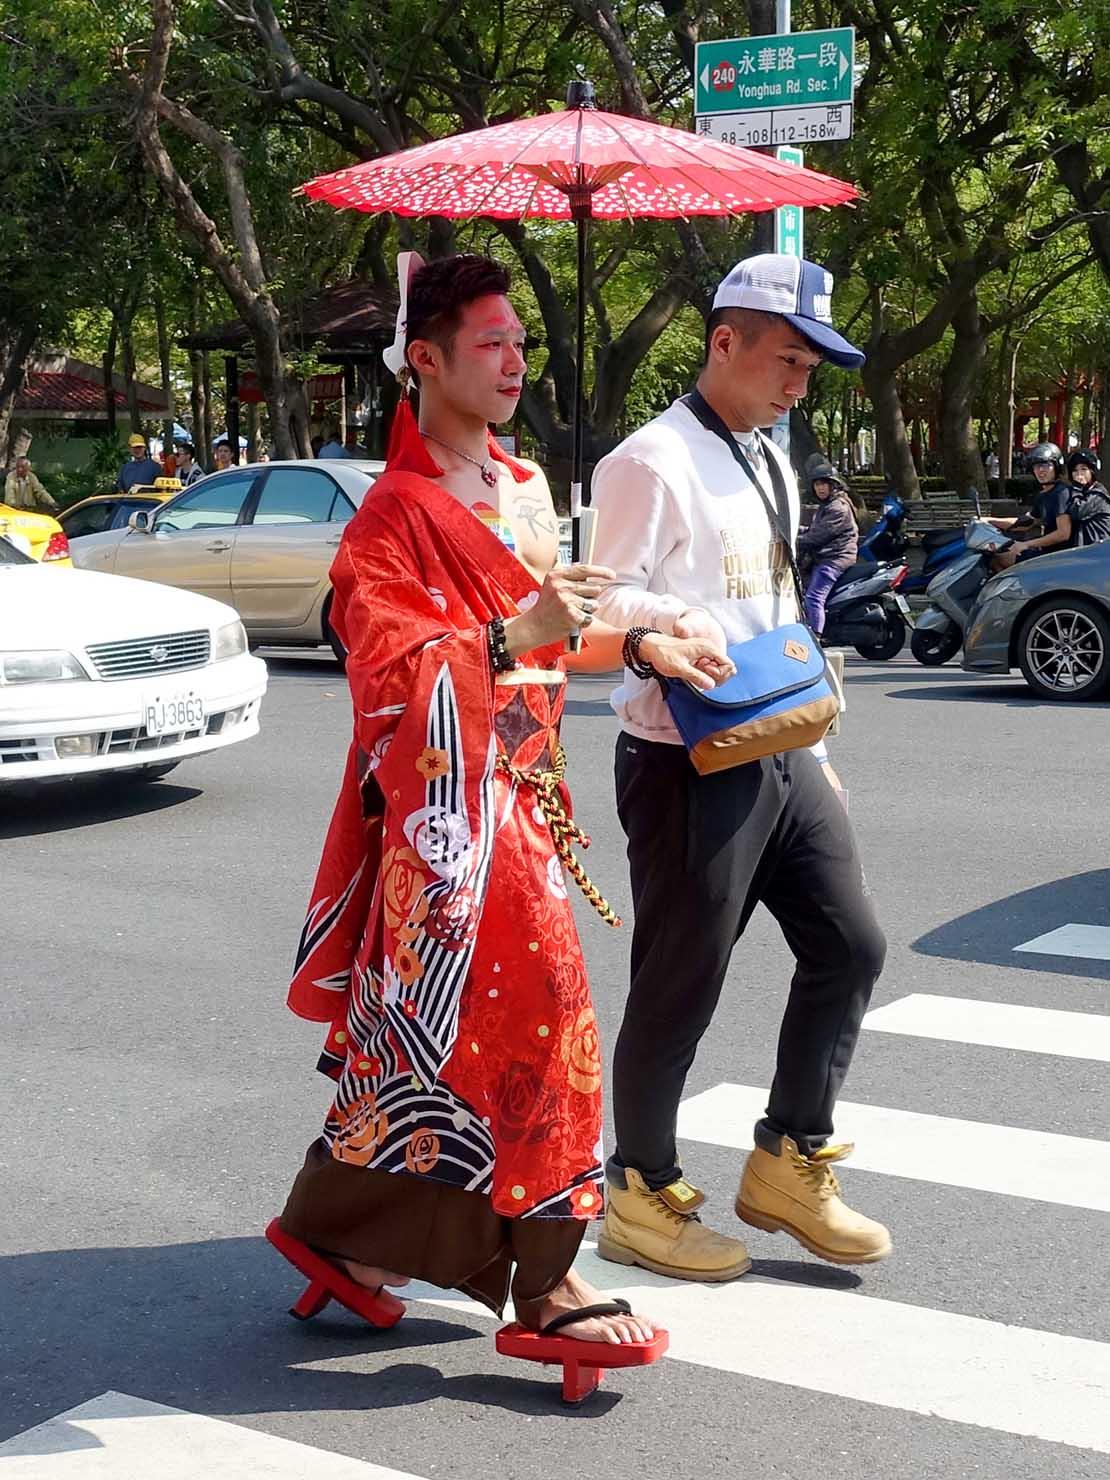 2018年台湾最初のLGBTプライド「台南彩虹遊行(台南レインボーパレード)」で和傘をさす参加者